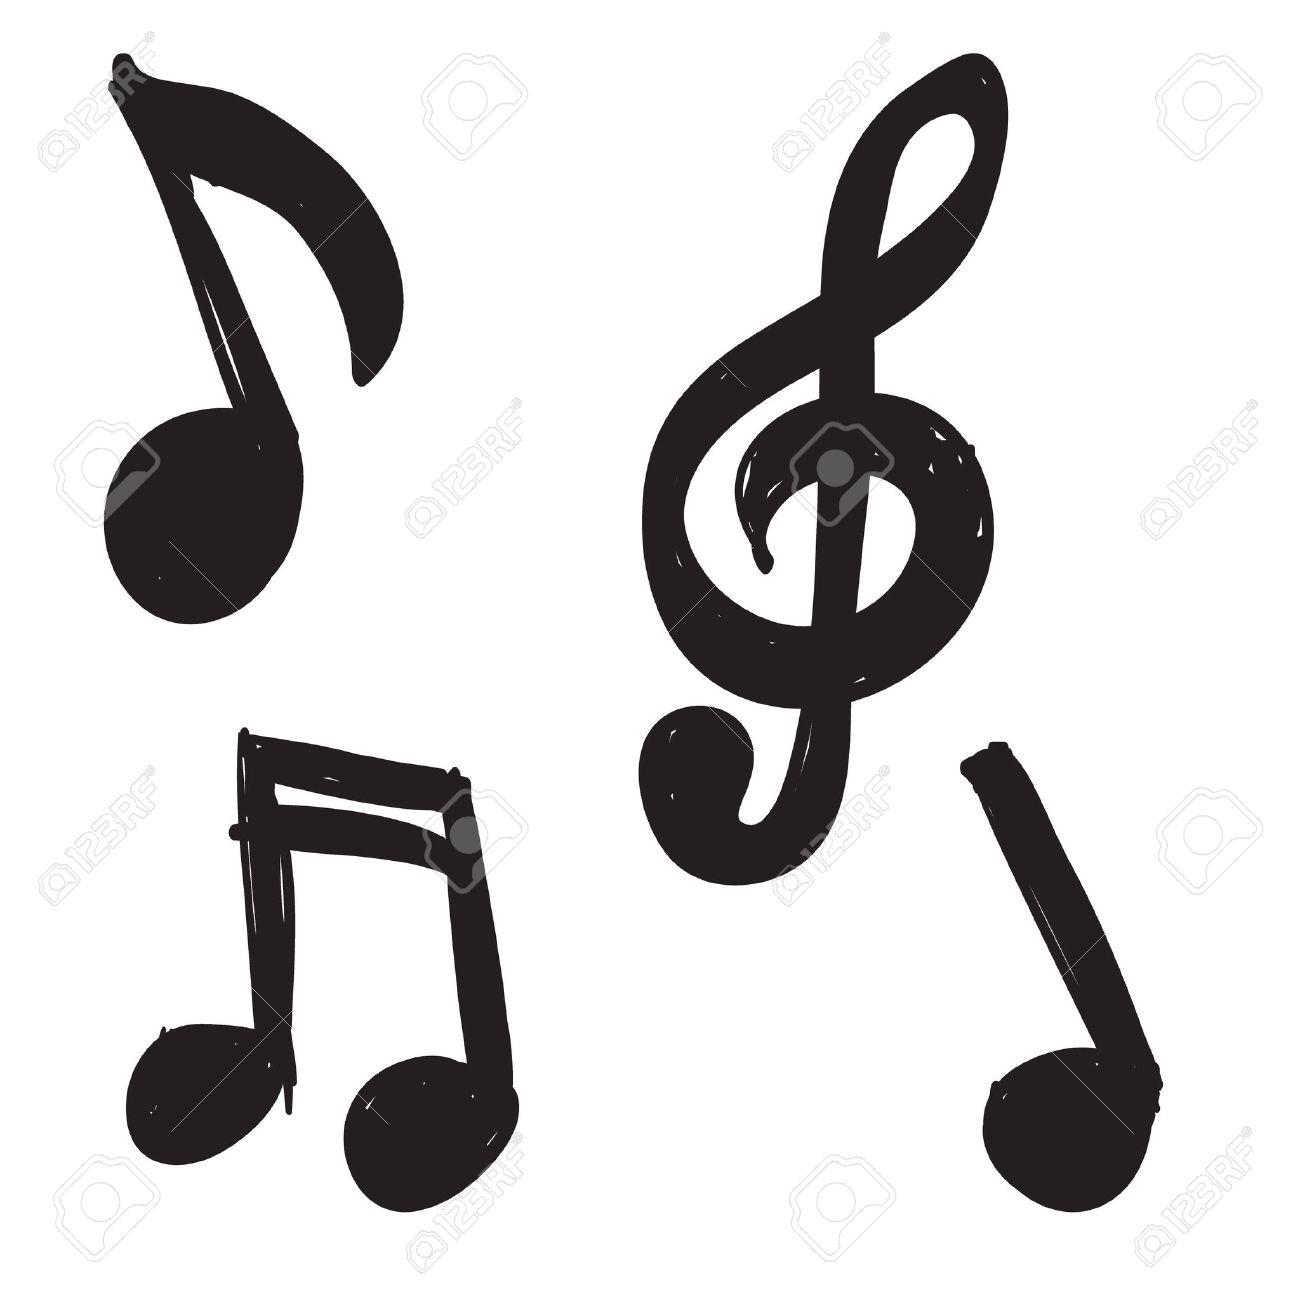 Assez Coloriage De Note Musique A Imprimer L - Duilawyerlosangeles SB87